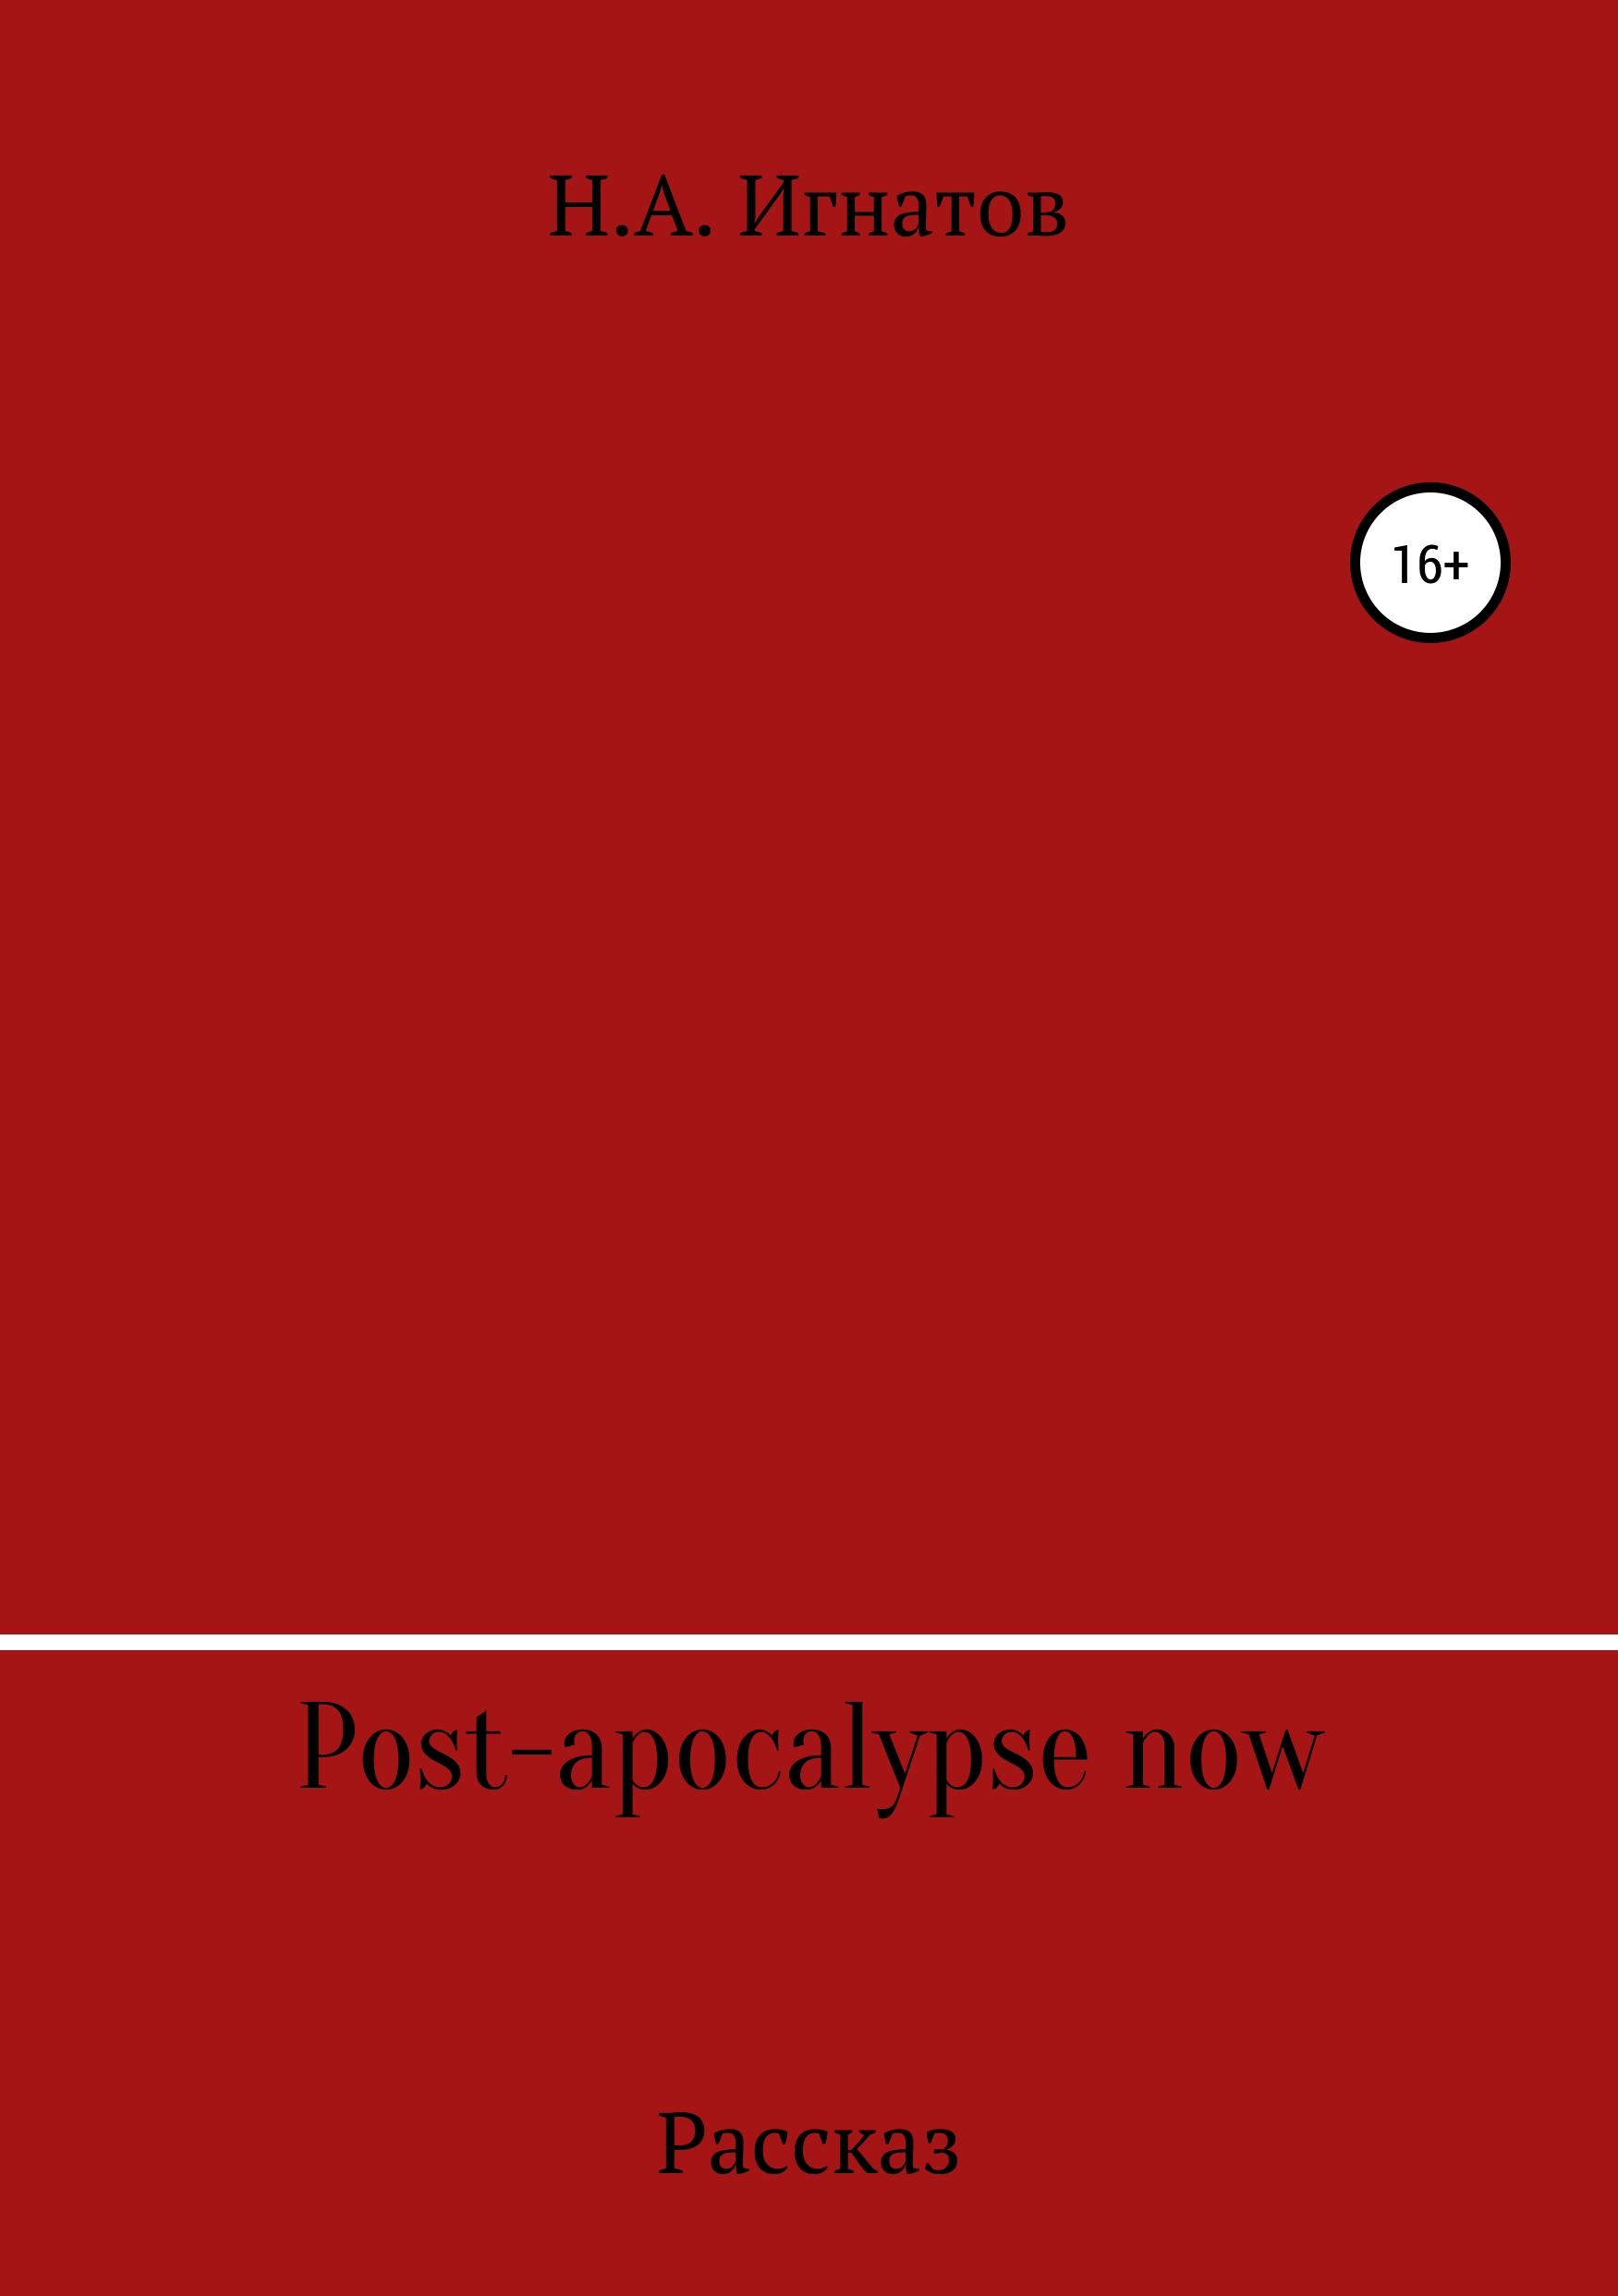 Post-apocalypse now